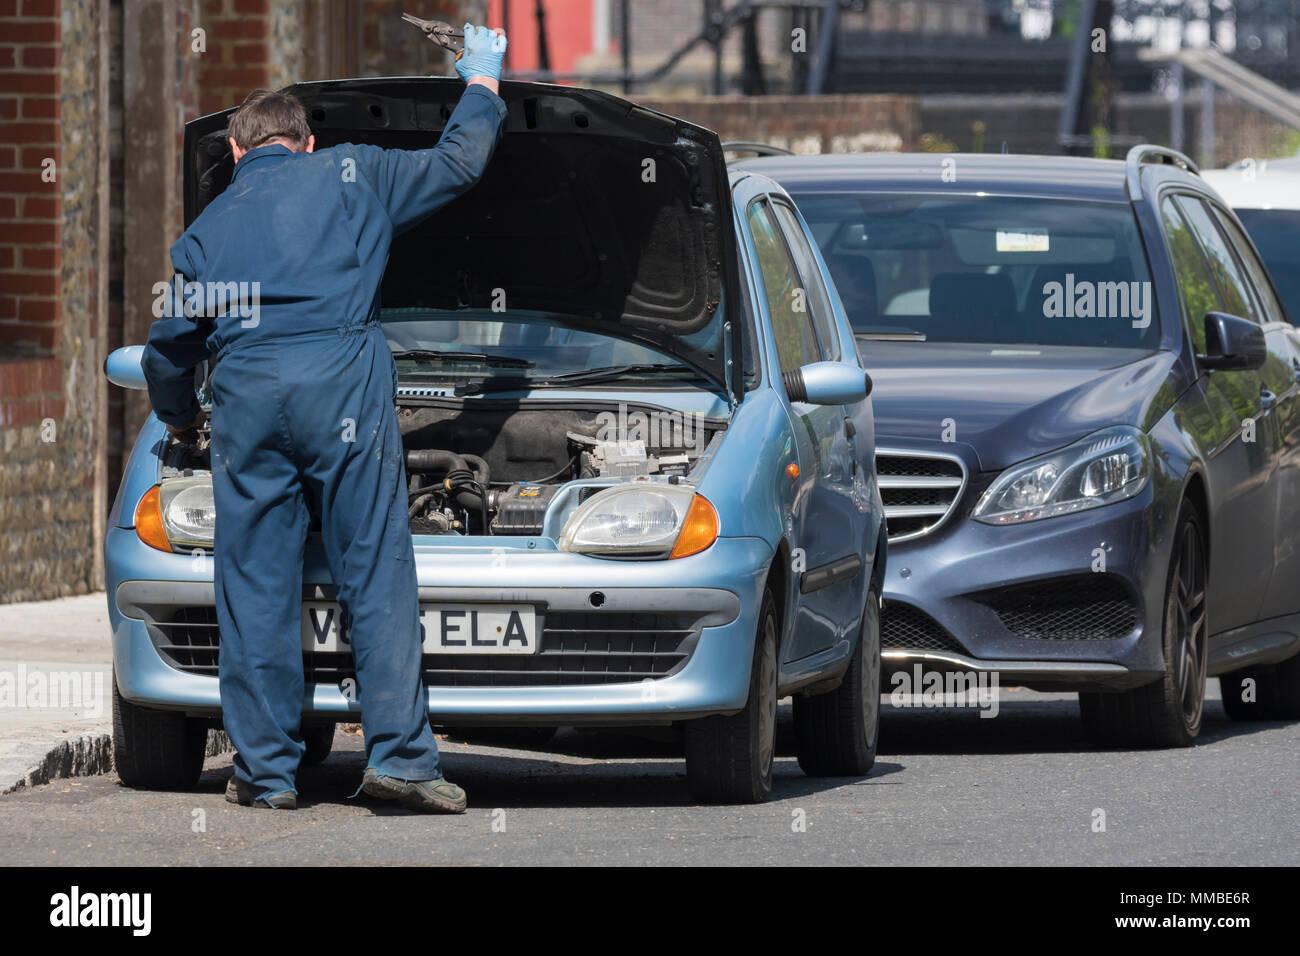 Mécanicien de voiture portant des salopettes de travail sur une voiture avec le capot jusqu'au Royaume-Uni. Photo Stock